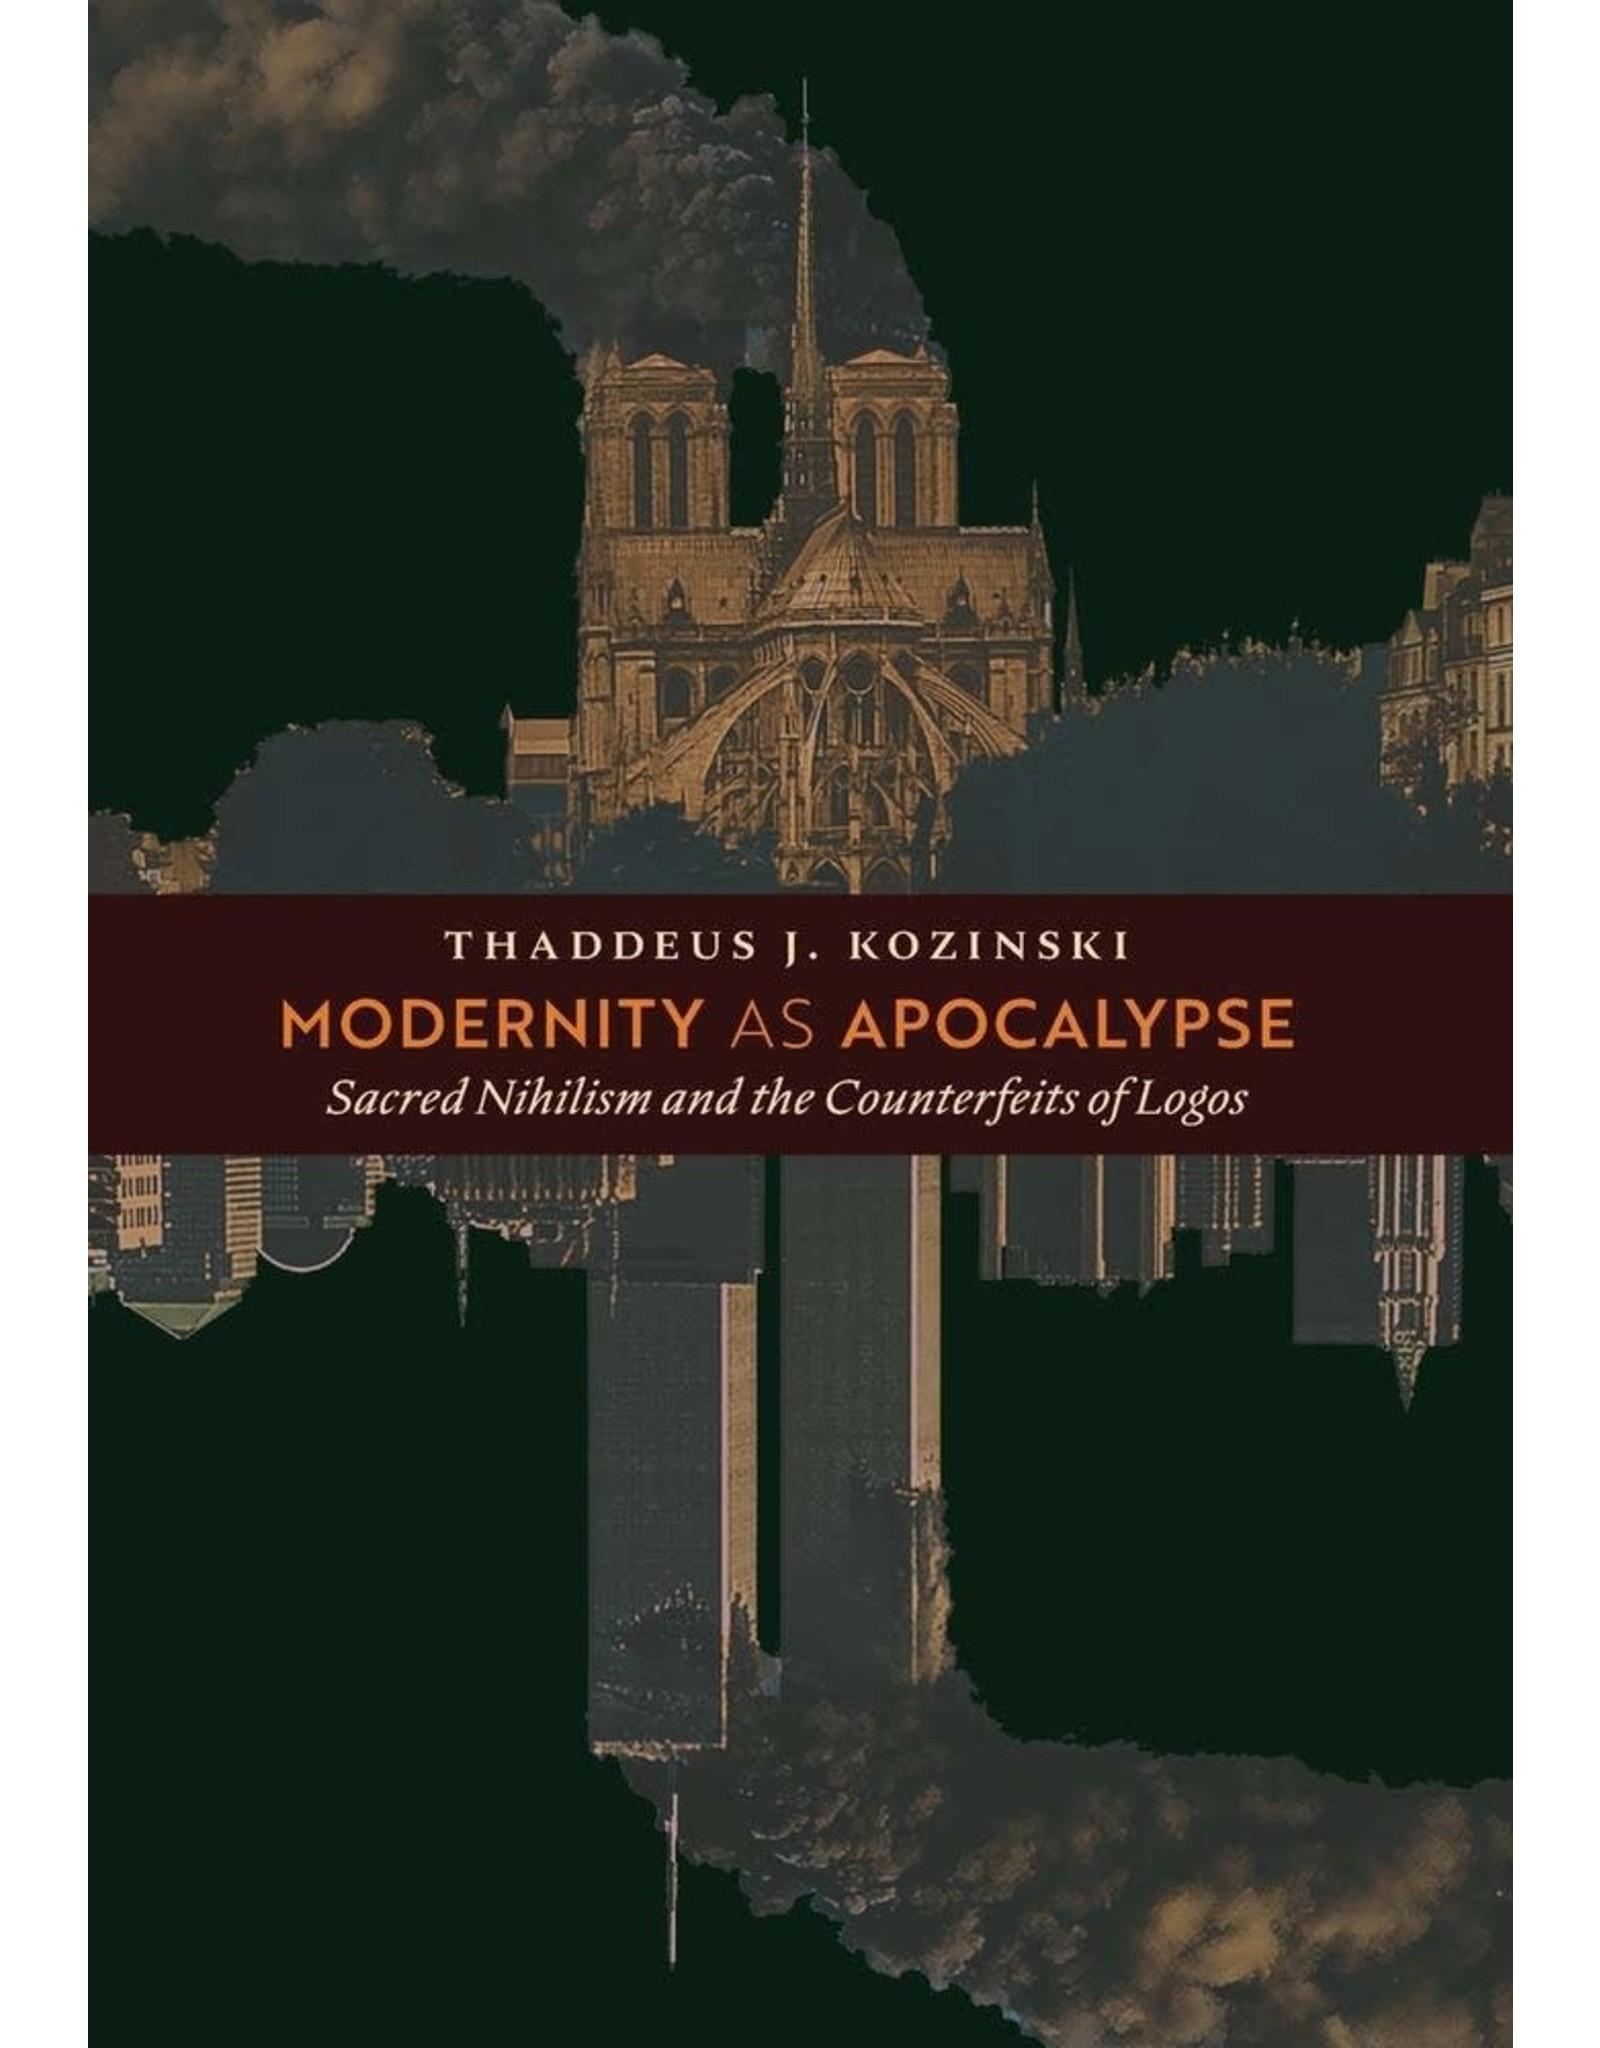 Kozinski Modernity as Apocalypse: Sacred Nihilism & the Counterfeits of Logos